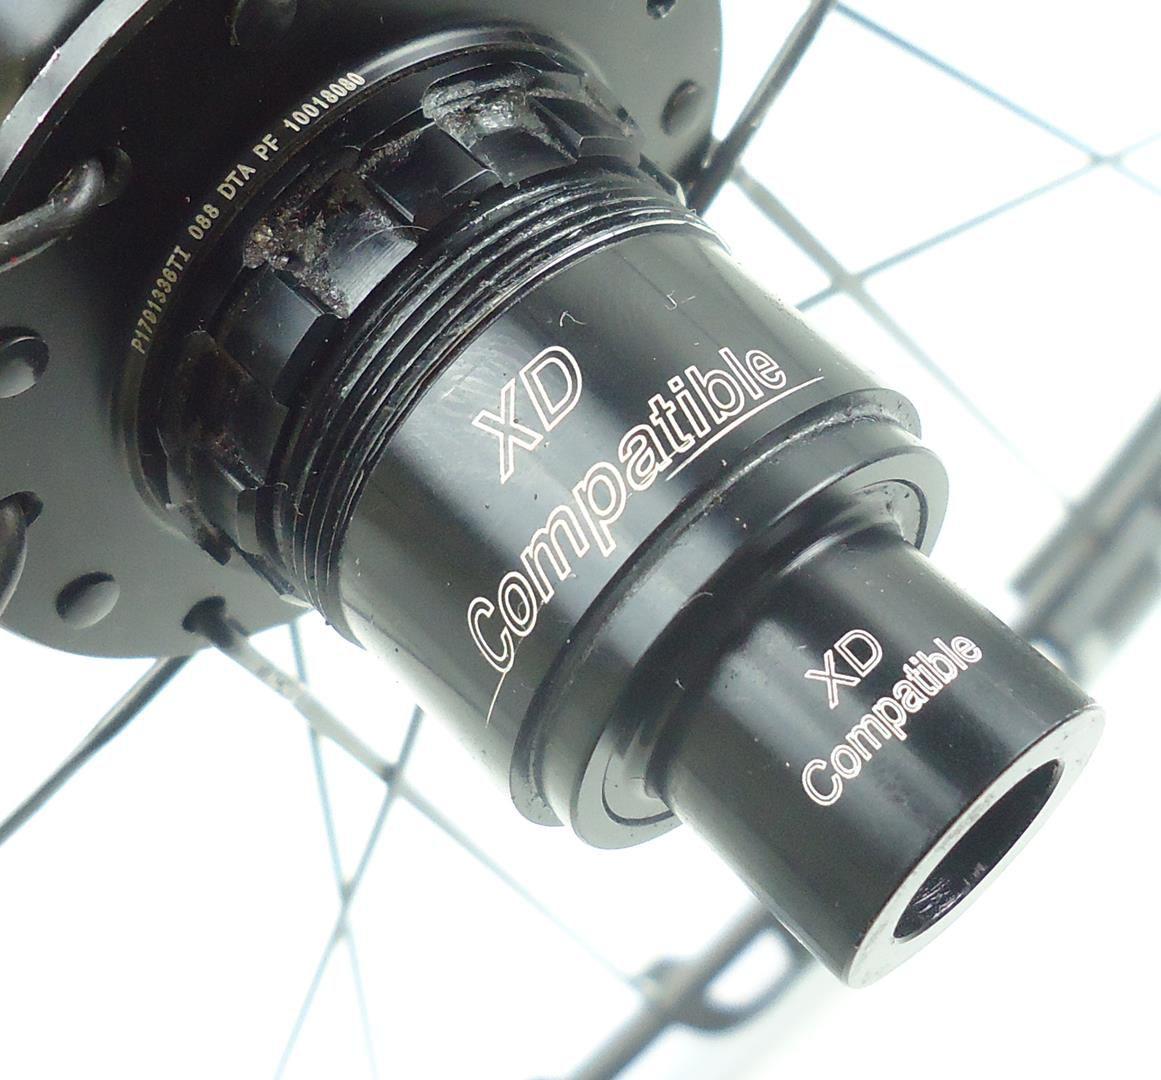 Rodas Enve M50 Aro 29 em Carbono com Cubos DT Swiss 240s Eixos 15x100 e 148x12mm Boost - USADO